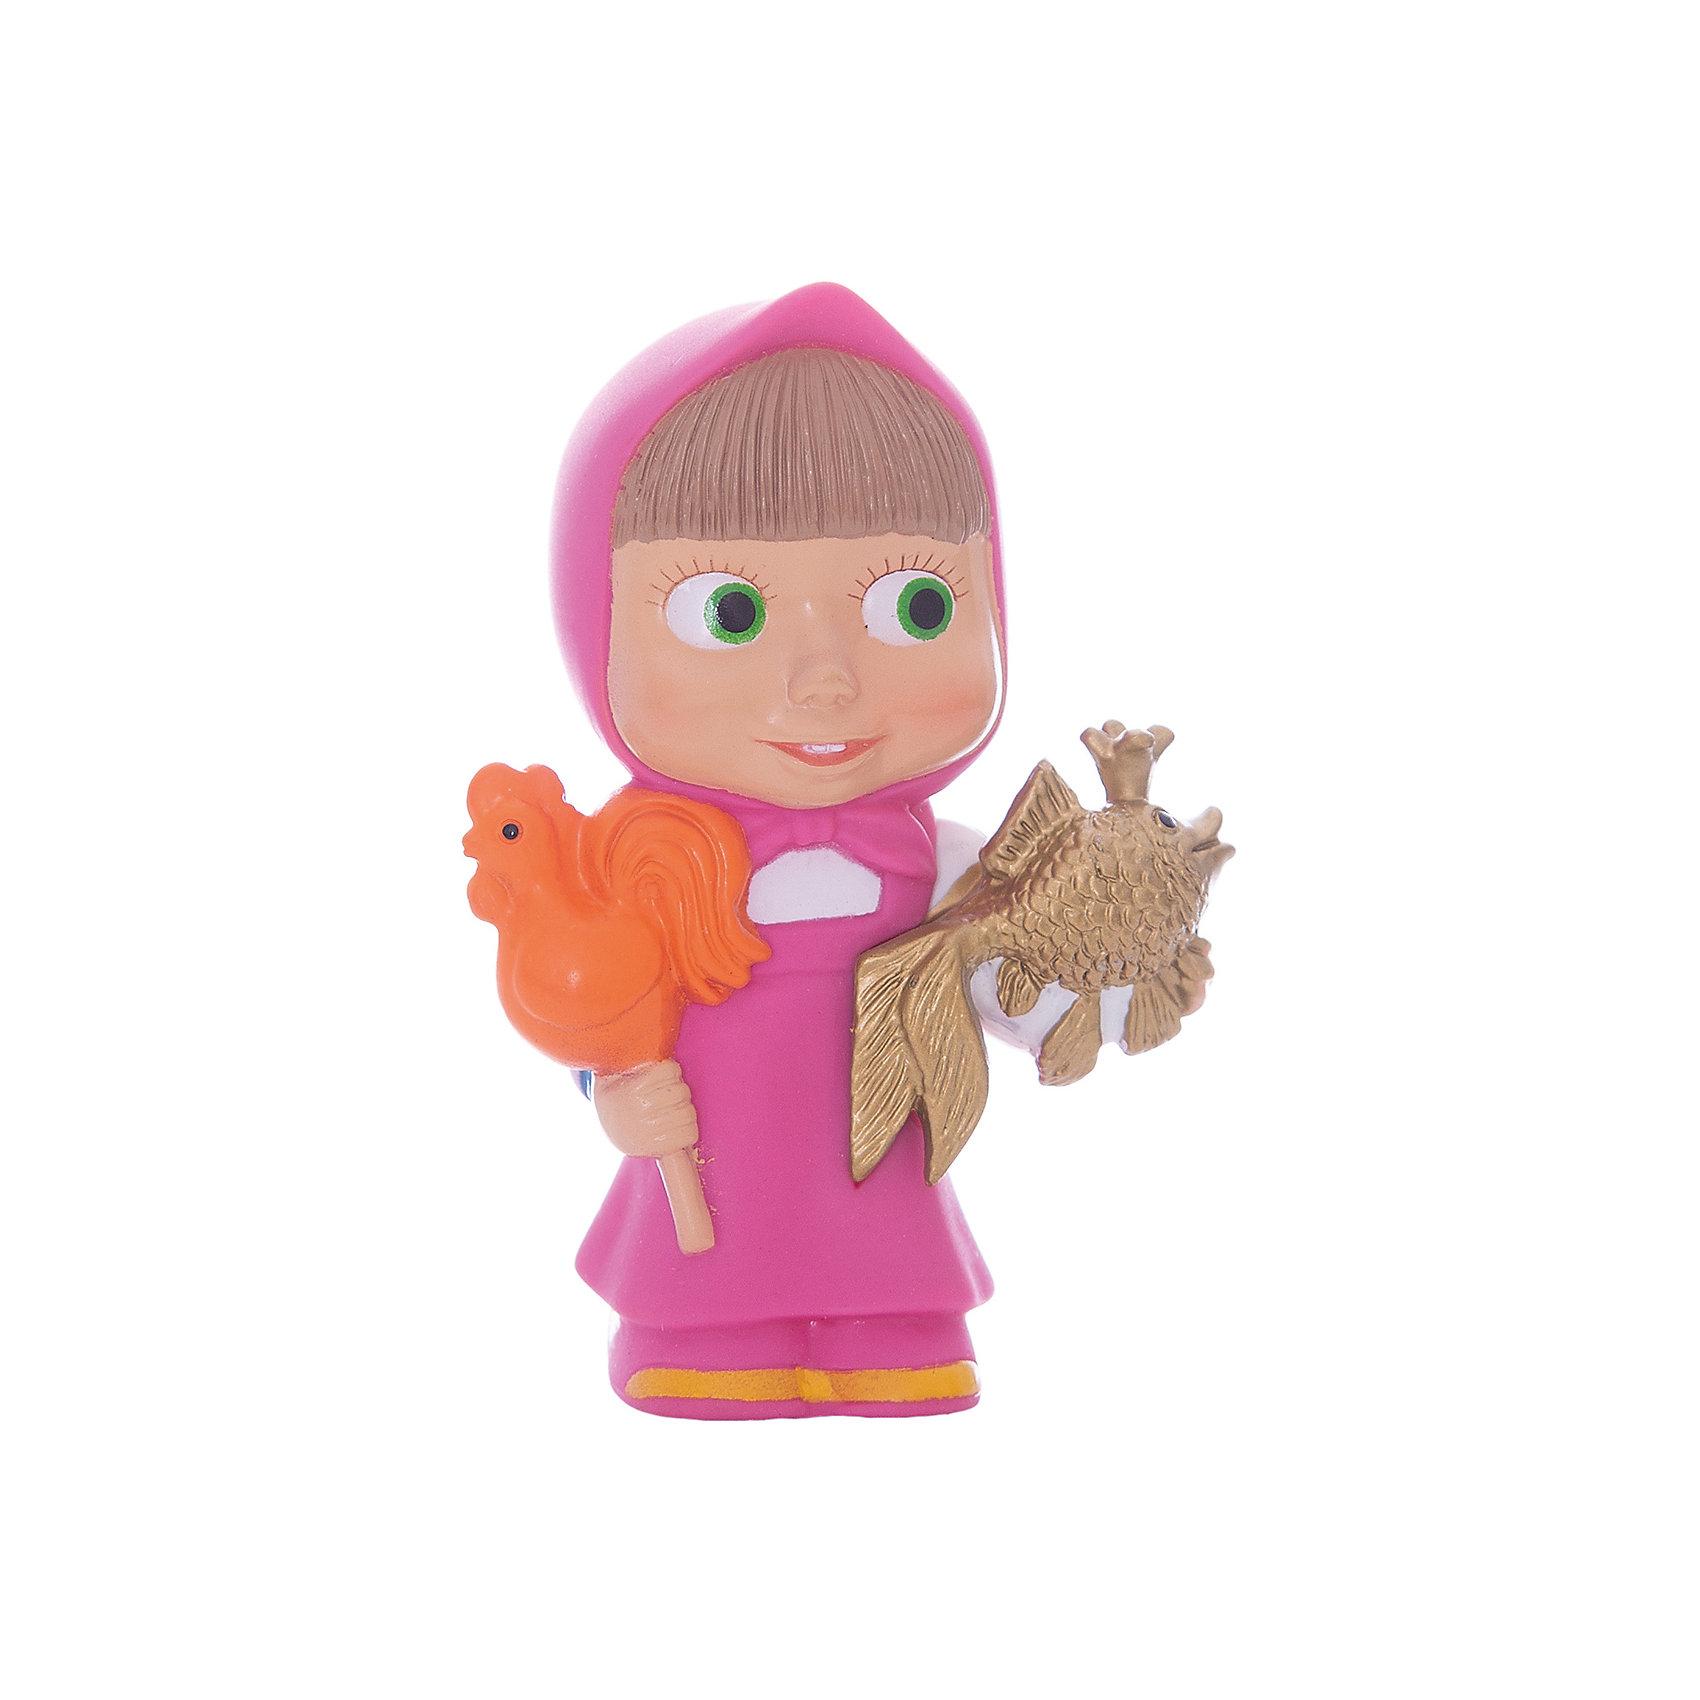 Фигурка для ванной Маша с леденцом и рыбкой, Маша и медведь, Играем вместеПопулярные игрушки<br>Фигурка для ванной Маша с леденцом и рыбкой, Маша и медведь, Играем вместе<br><br>Характеристики:<br><br>• Материал: ПВХ.<br>• Размер: 4х9х6см.<br><br>Отличная игрушка из мягкого ПВХ надолго займет внимание вашего малыша. Эта игрушка поможет малышу при прорезывании зубов, поможет развивать моторику рук, знакомить с формой, цветом, образами также с ней можно забавно поиграть в ванной. Яркий образ любимой героини поможет ребенку придумывать различные сюжетно-ролевые игры.<br><br>Фигурку для ванной Маша с леденцом и рыбкой, Маша и медведь, Играем вместе, можно купить в нашем интернет – магазине.<br><br>Ширина мм: 40<br>Глубина мм: 90<br>Высота мм: 60<br>Вес г: 40<br>Возраст от месяцев: 6<br>Возраст до месяцев: 3<br>Пол: Унисекс<br>Возраст: Детский<br>SKU: 4950488